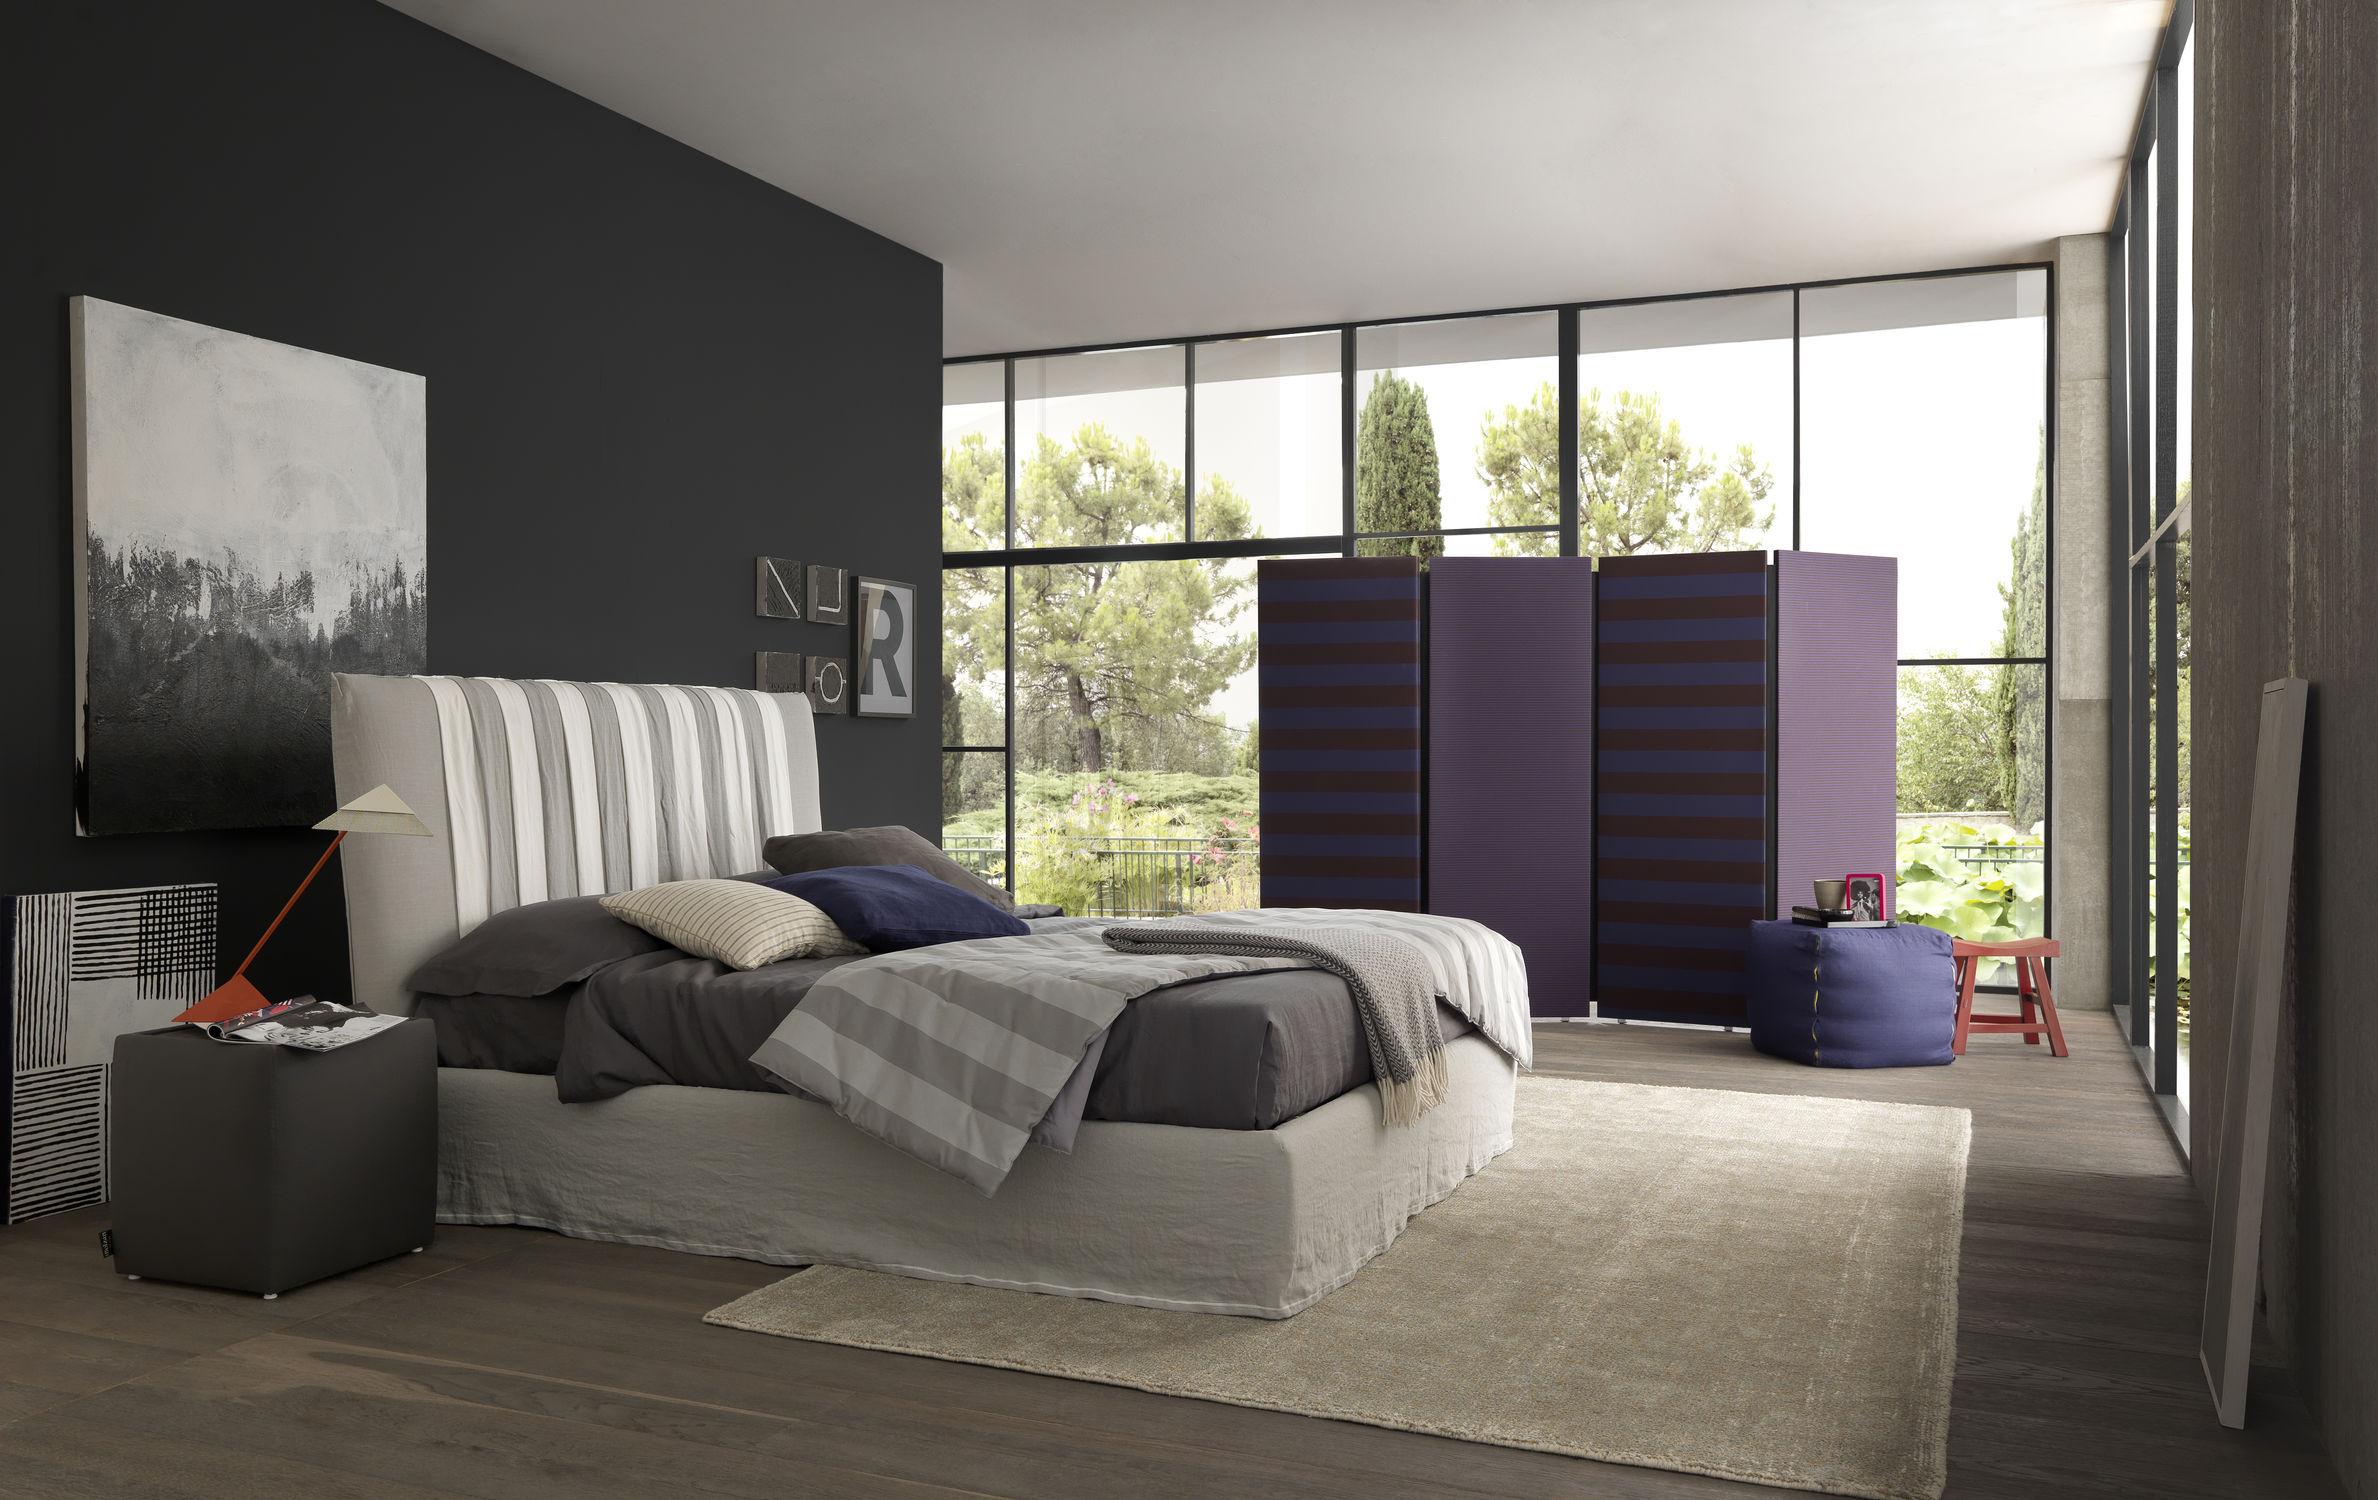 soveværelse-med-sort-farve-accent-væg-bozlan-dejlige